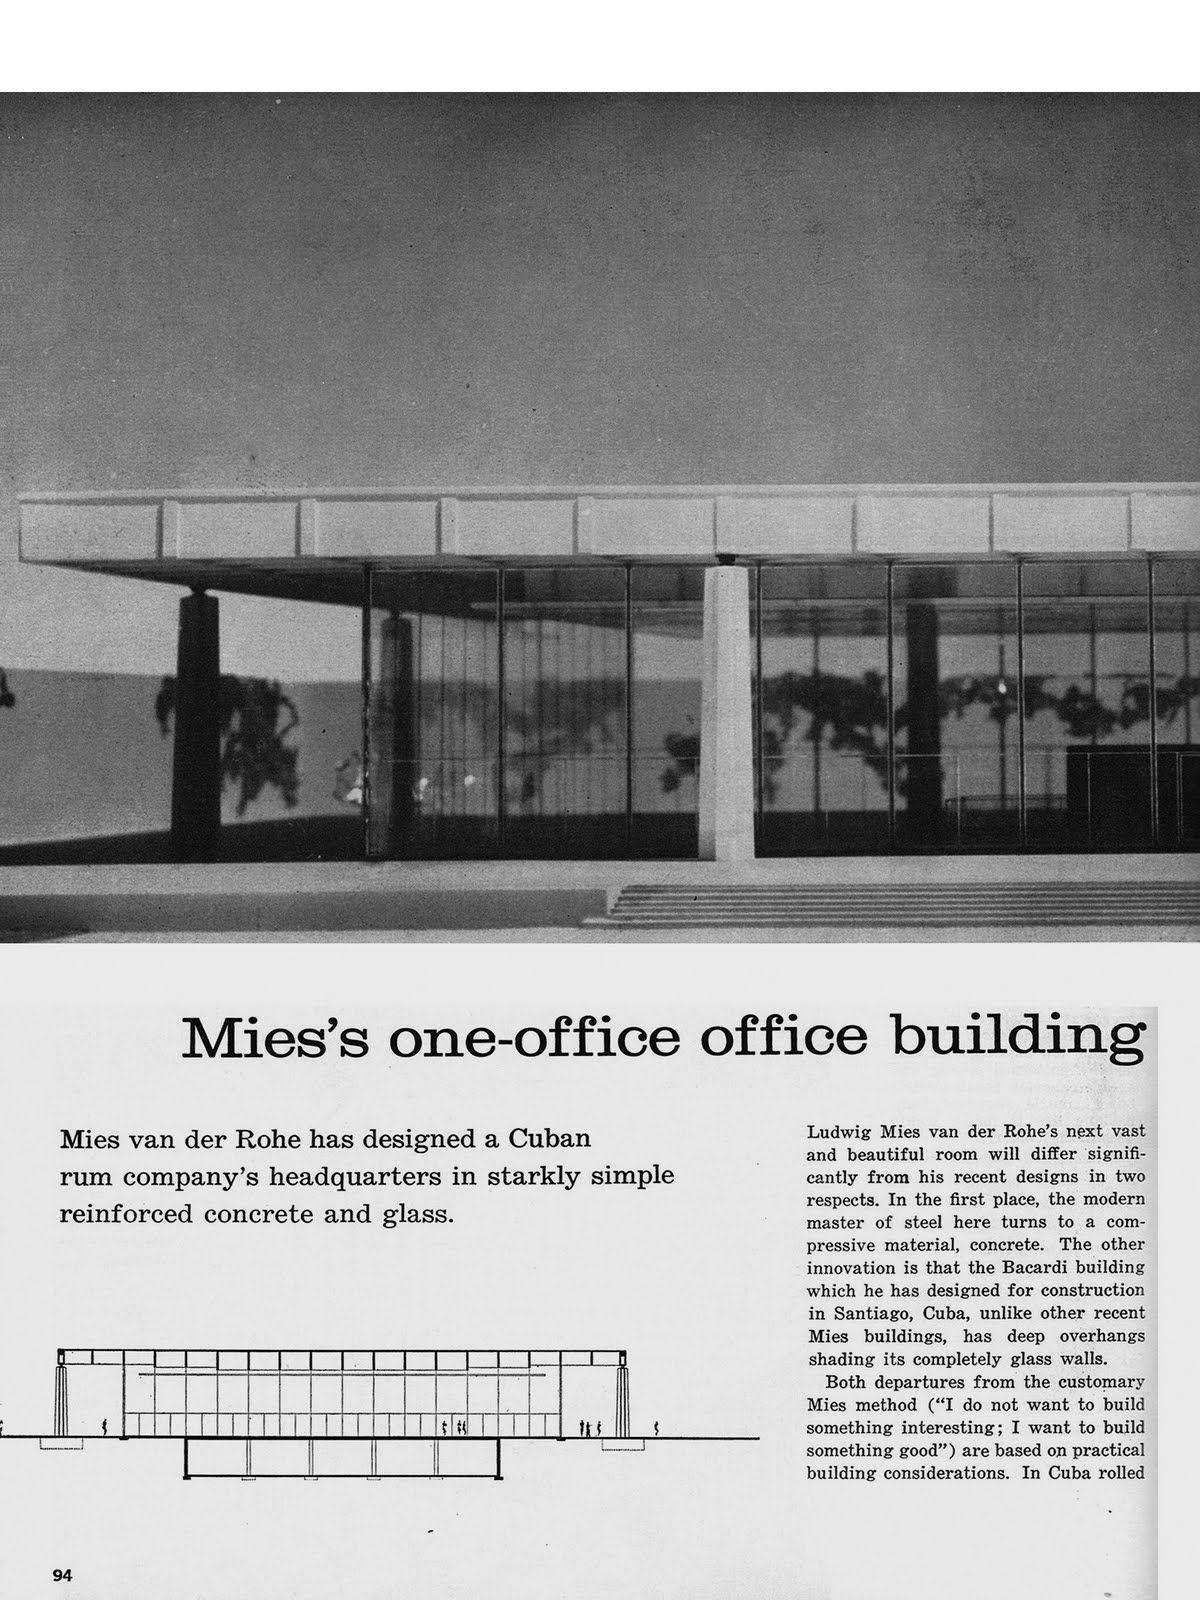 Carlos Alberto Fleitas Cuba Collection Ludwig Mies Van Der Rohe Office Building Mies Van Der Rohe